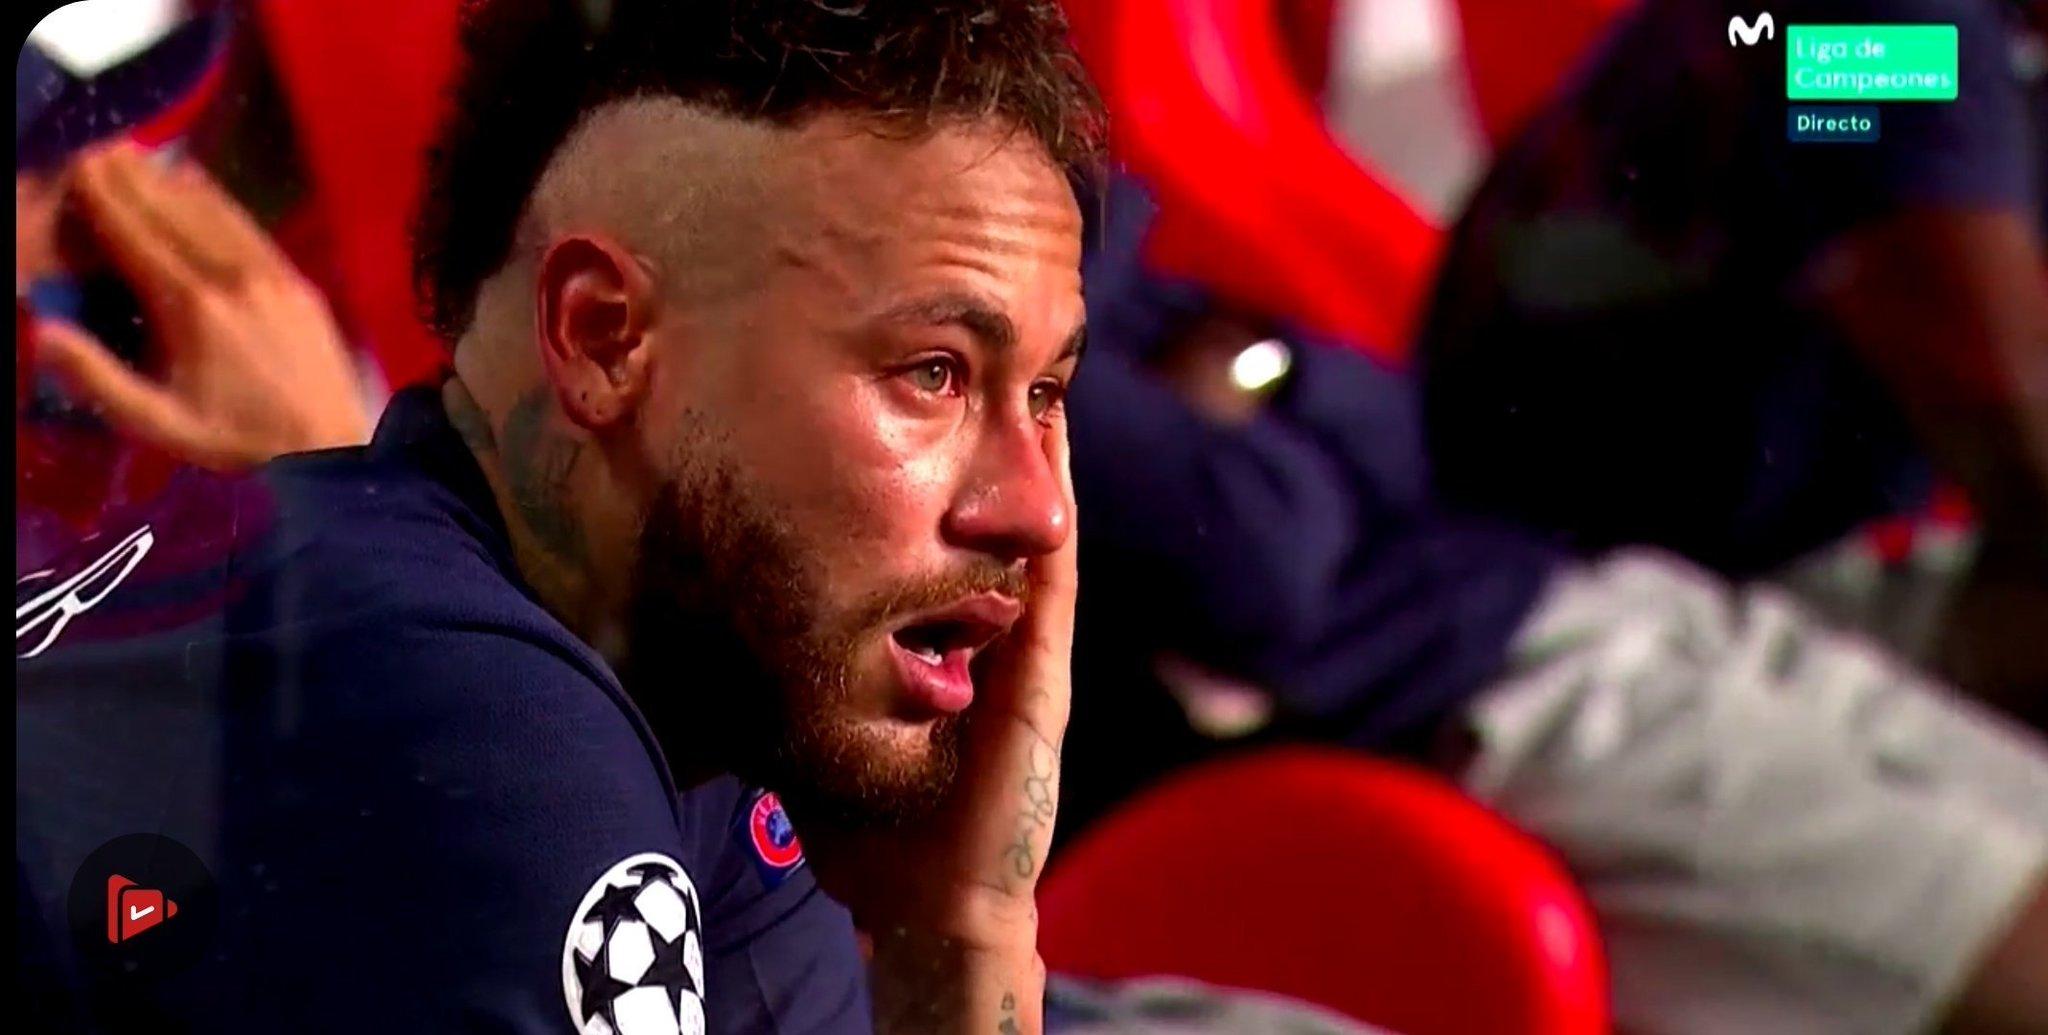 El llanto de Neymar luego de la derrota del PSG